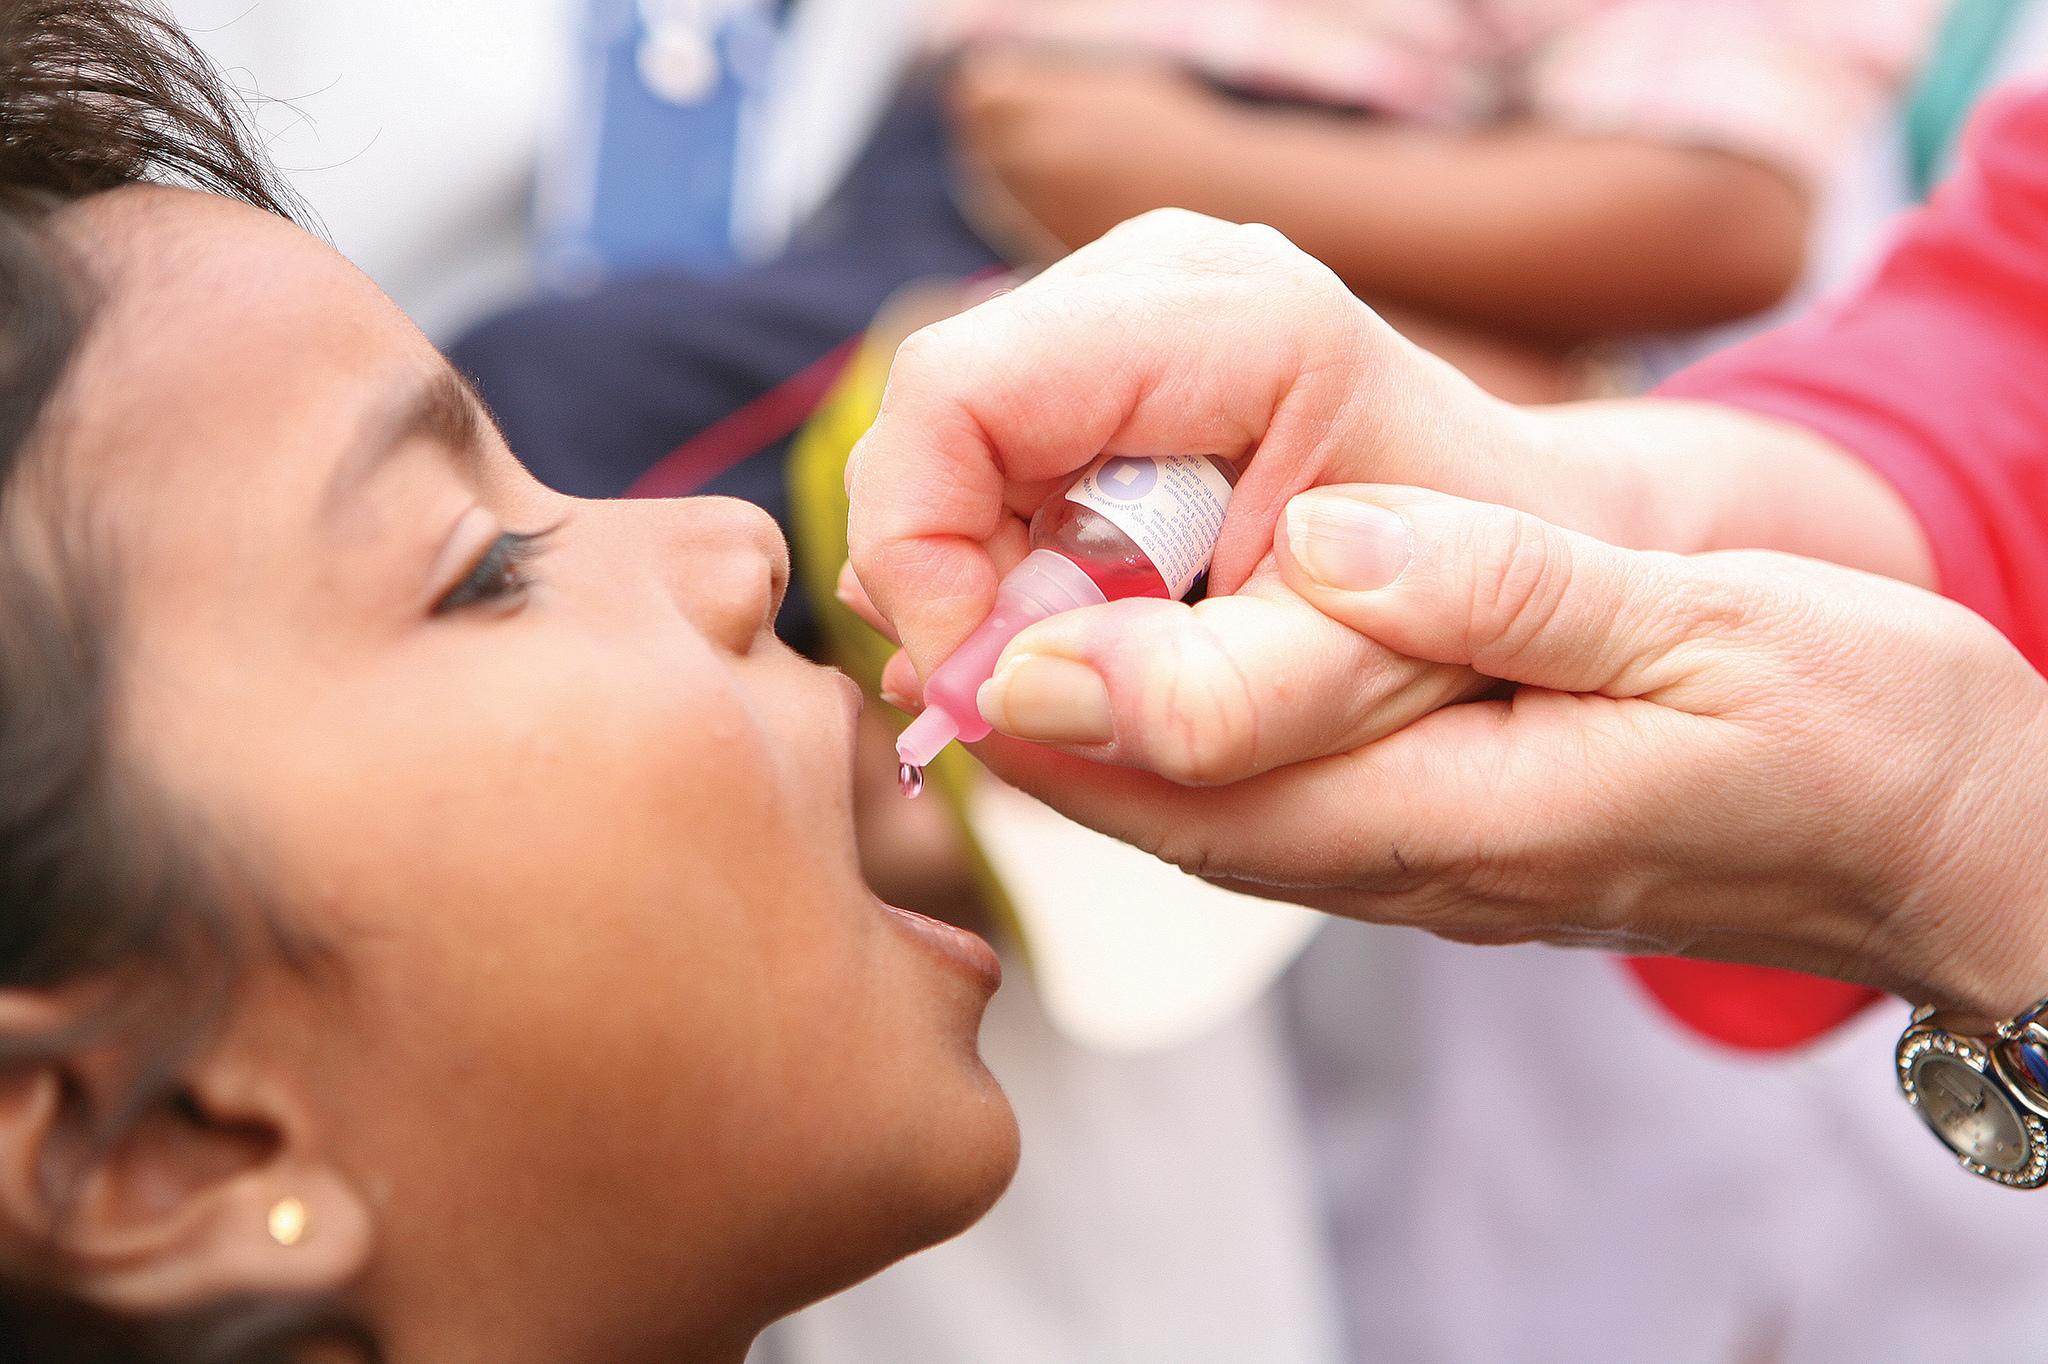 Реакция на прививку от полиомиелита у ребенка